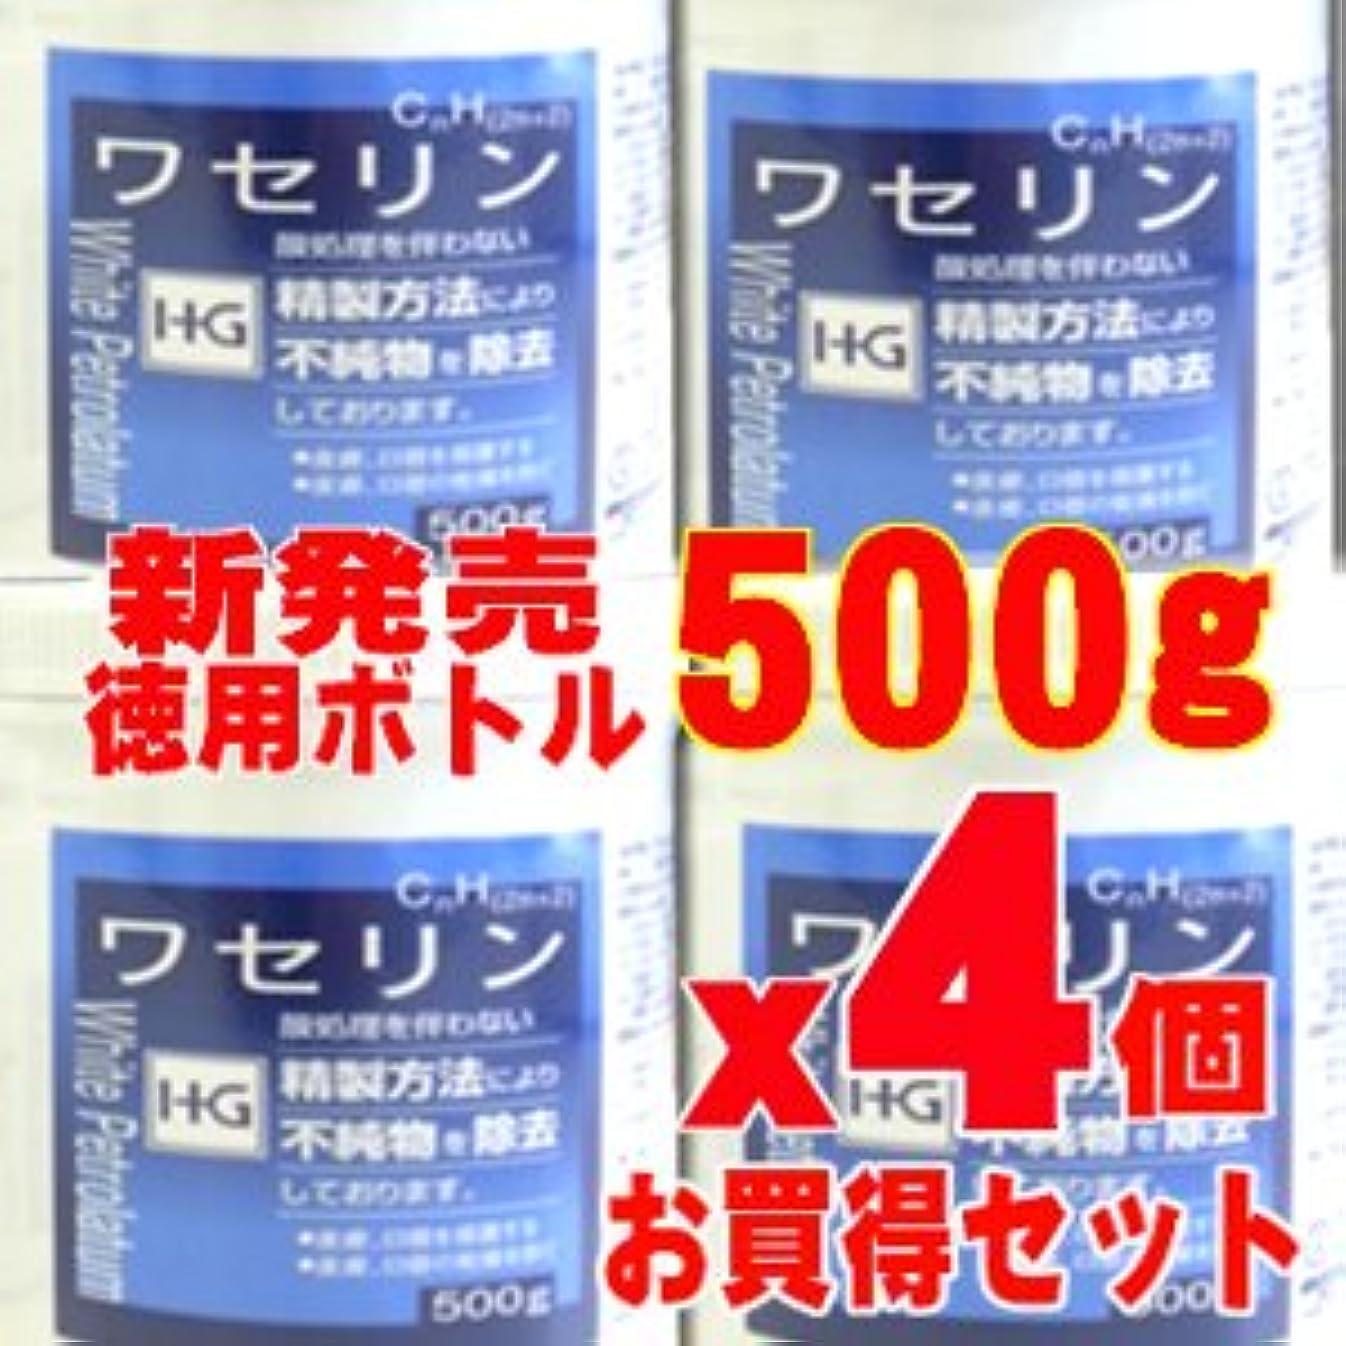 賃金繊維ライター【敏感肌の方に最適!】皮膚保護 ワセリンHG 徳用500gx4個セット